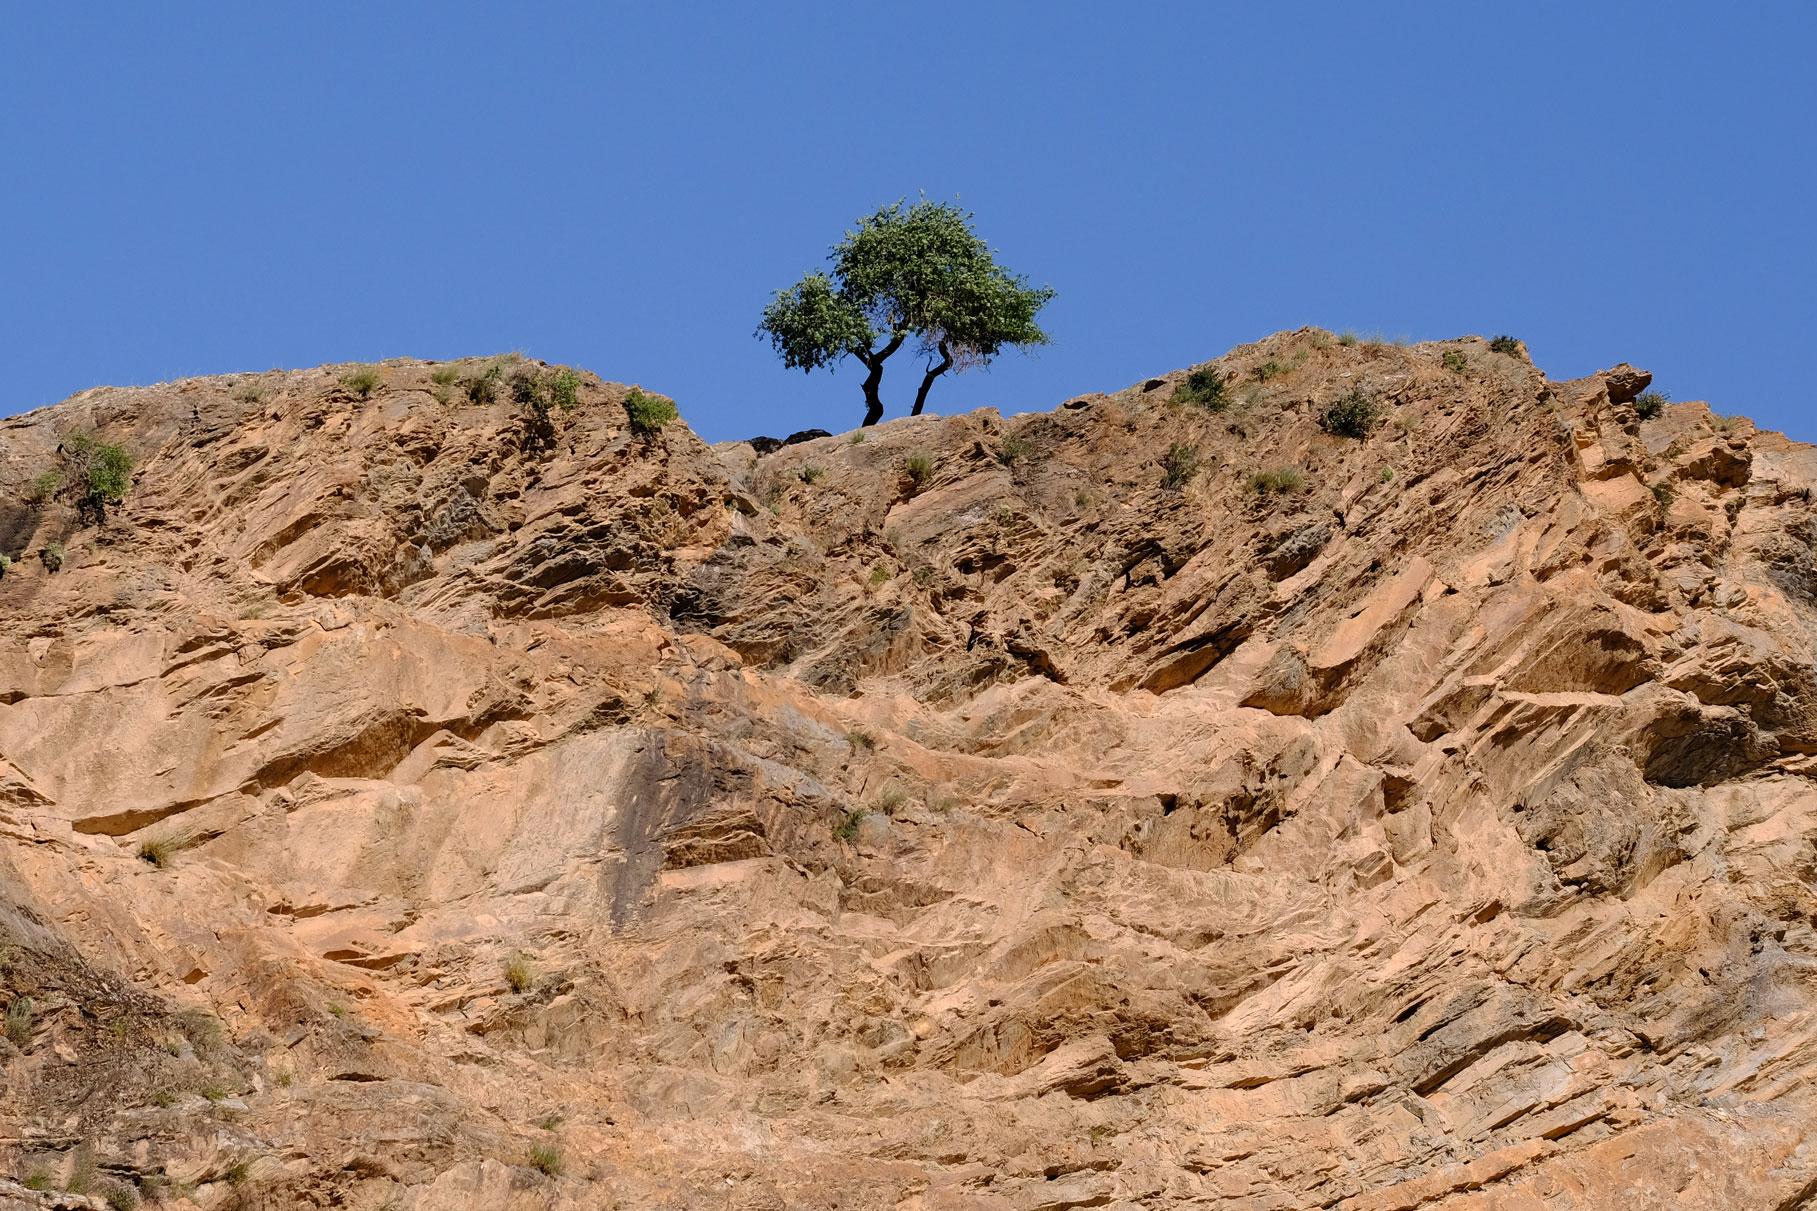 Ein Baum auf einer Felswand